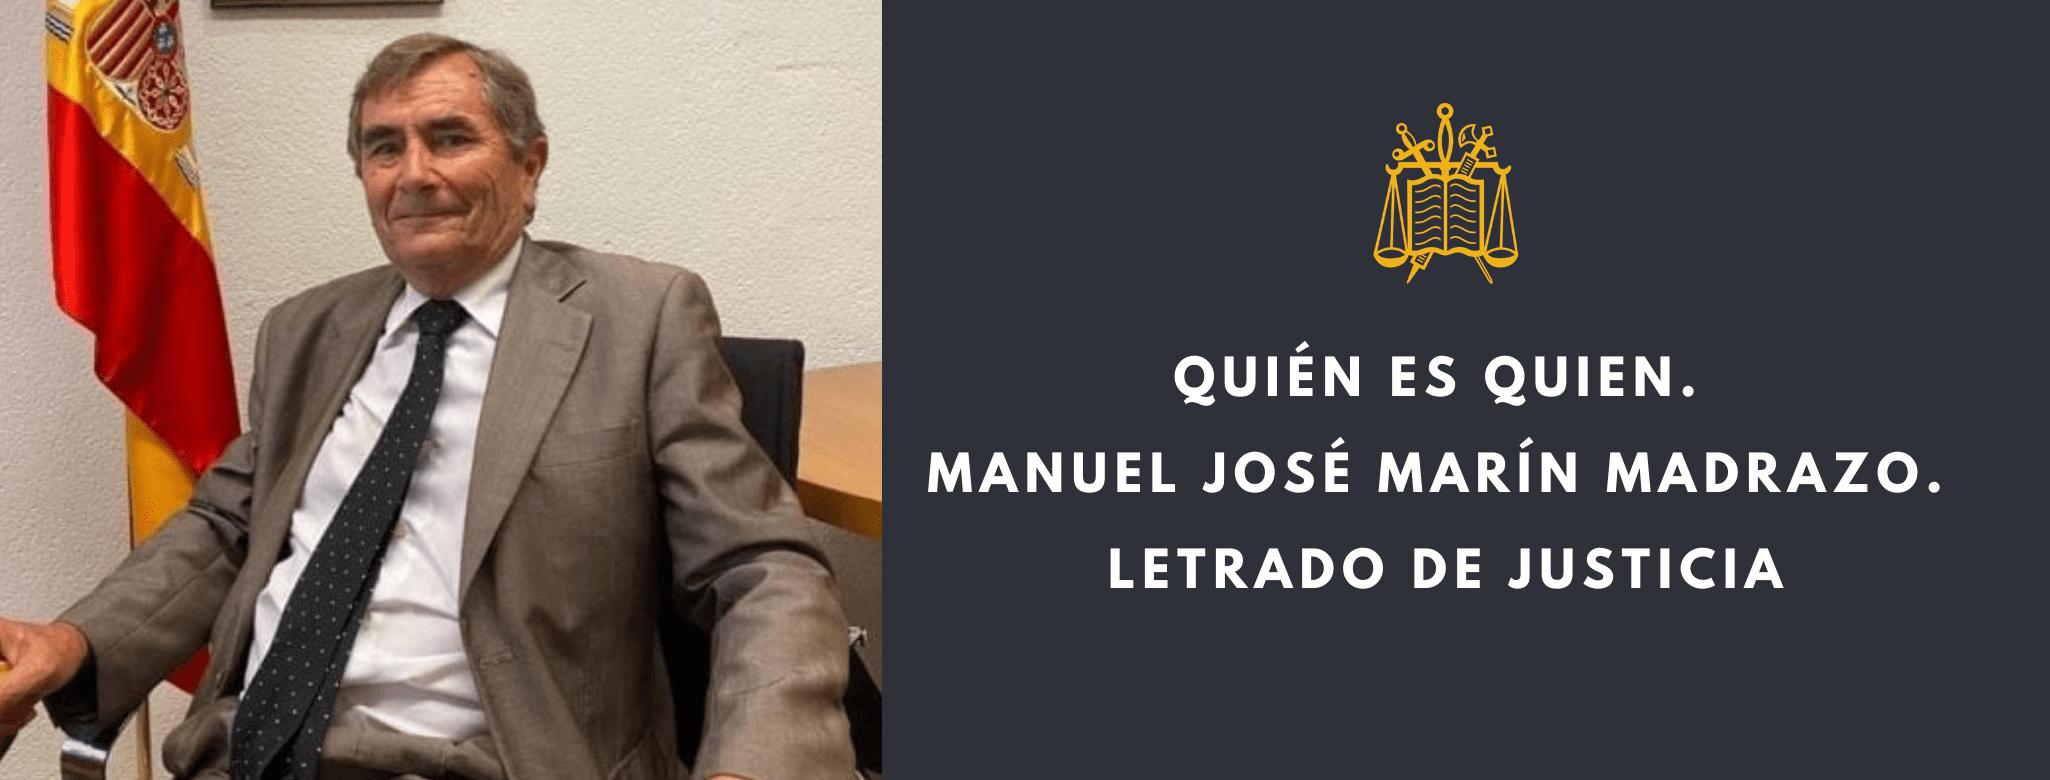 QUIÉN ES QUIEN. MANUEL JOSÉ MARÍN MADRAZO. LETRADOS DE JUSTICIA